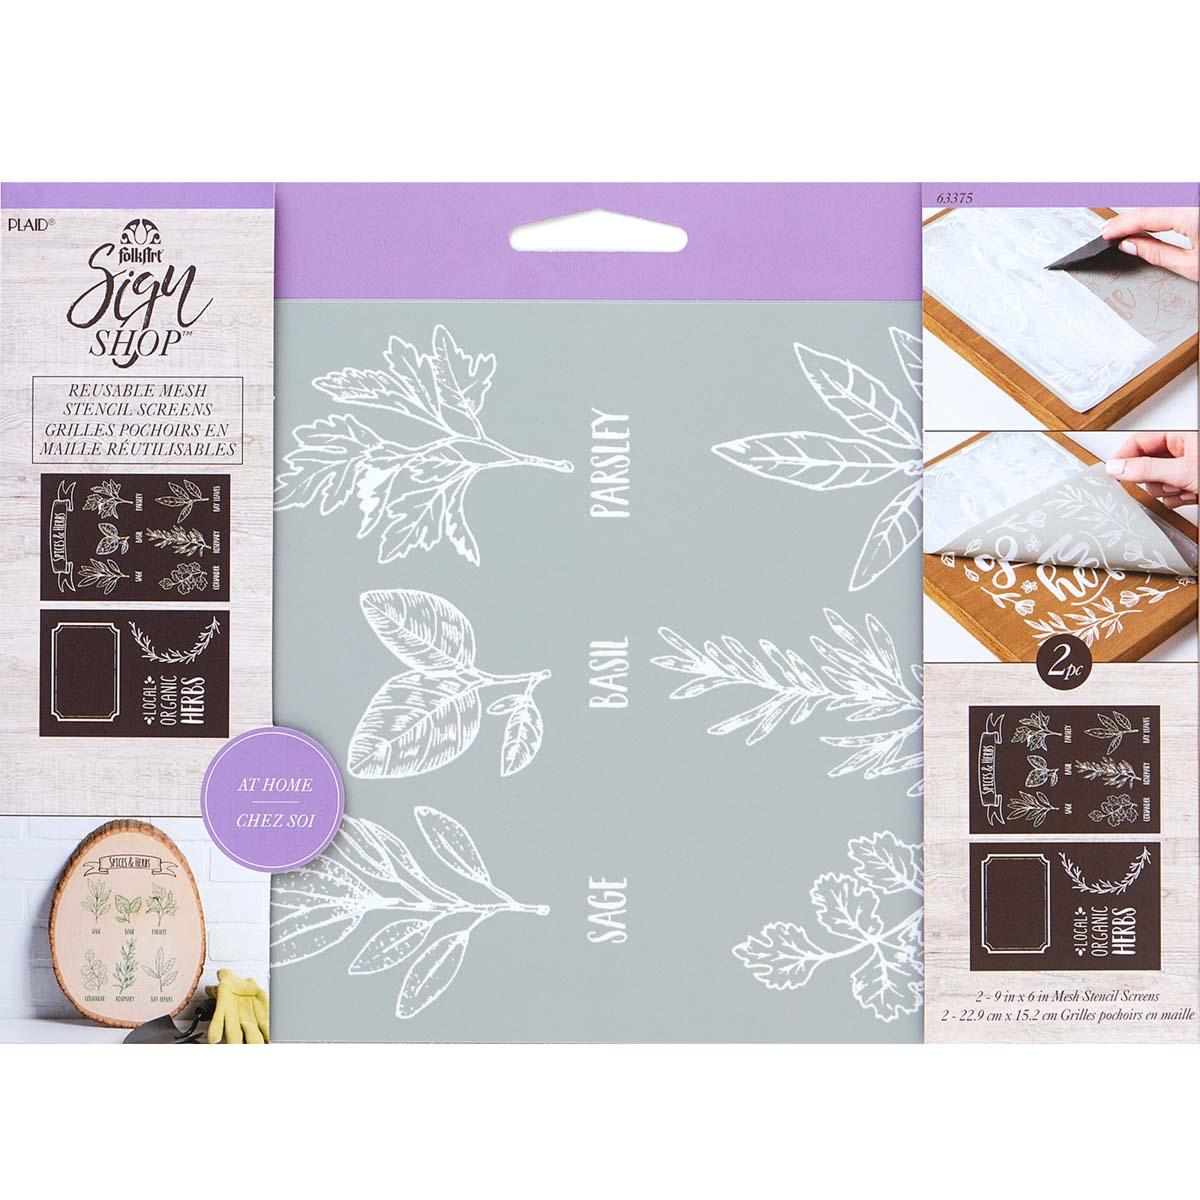 FolkArt ® Sign Shop™ Mesh Stencil - Spices & Herbs, 2 pc. - 63375